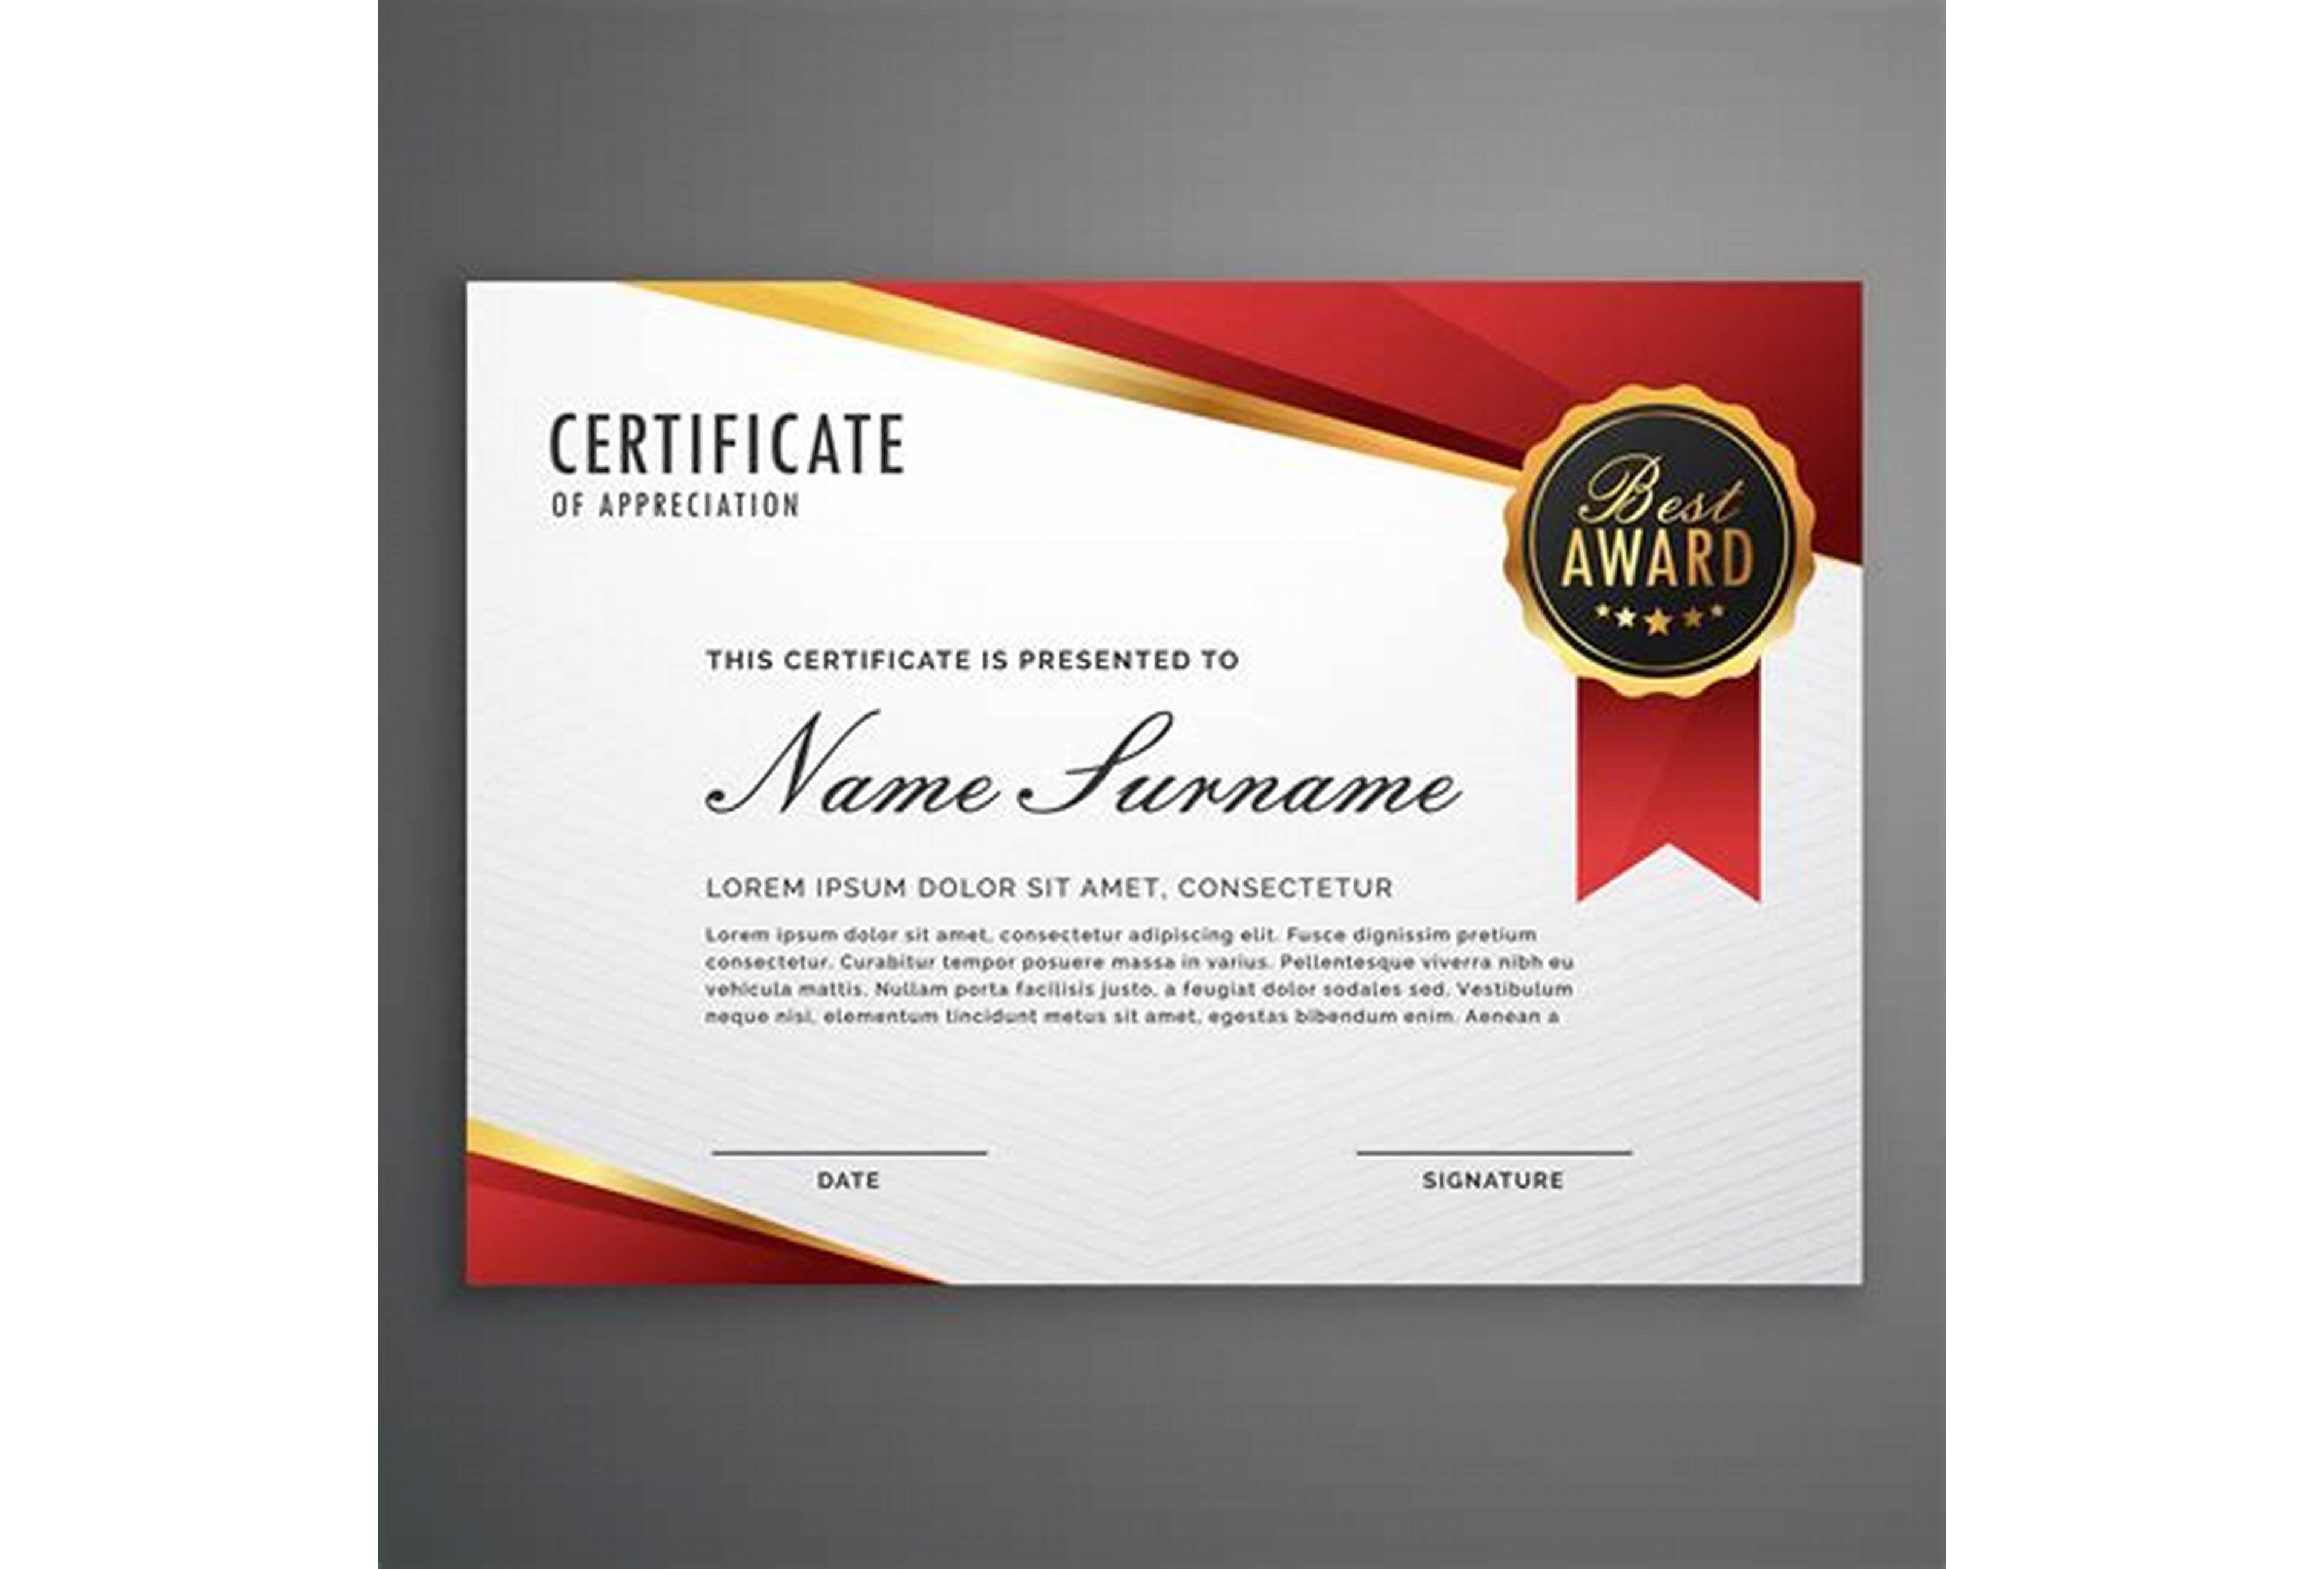 Award Certificate Design Template 8